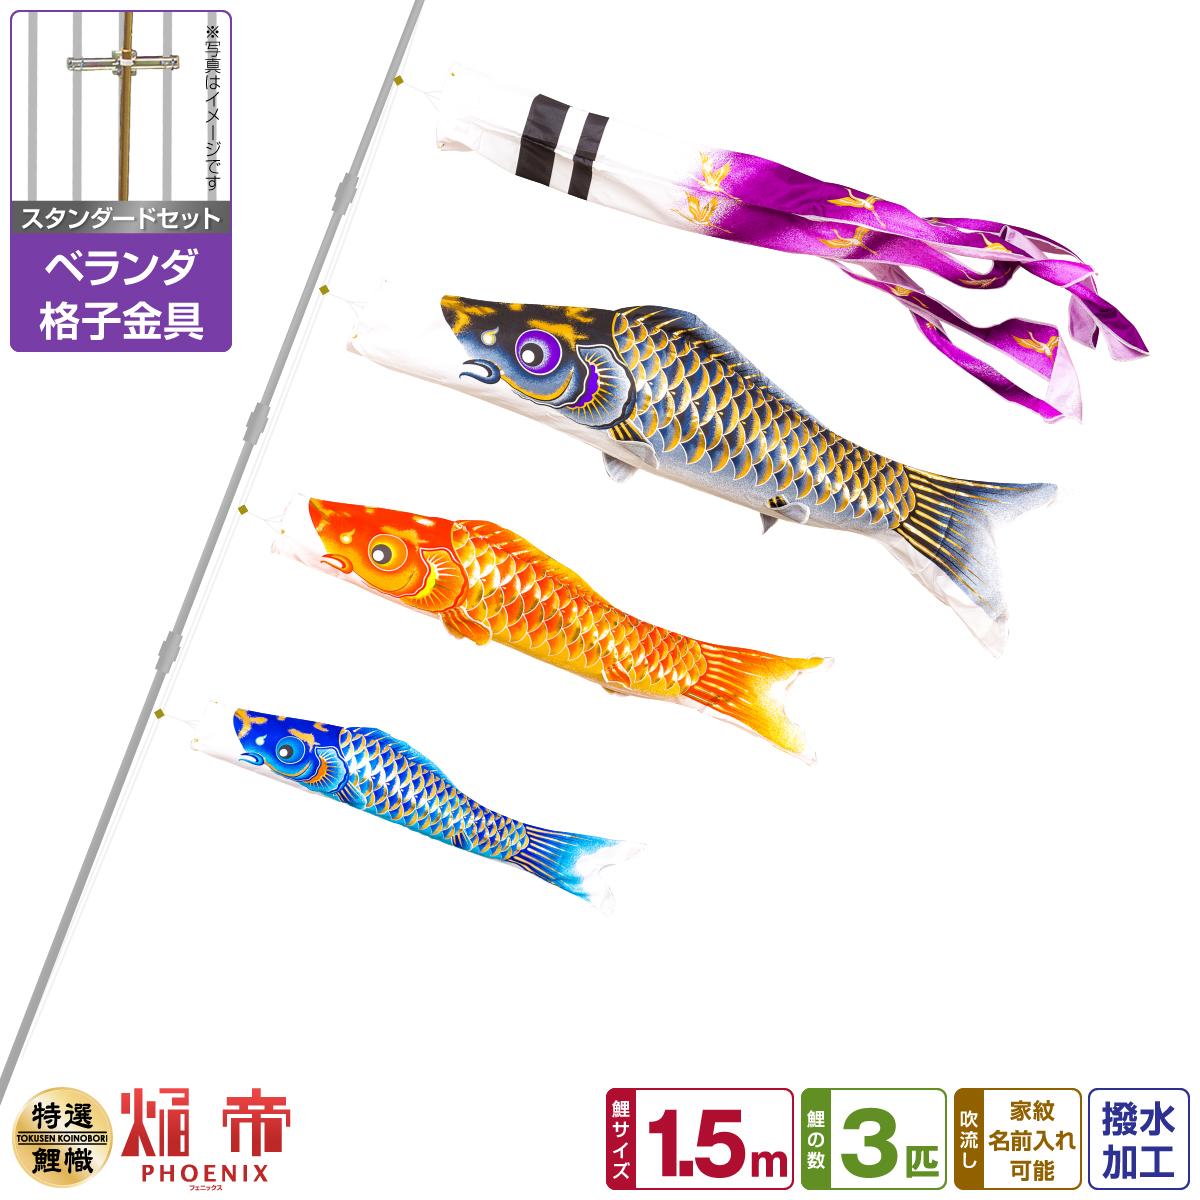 ベランダ用 こいのぼり 鯉のぼり 焔帝鯉フェニックス 1.5m 6点(吹流し+鯉3匹+矢車+ロープ)/スタンダードセット(格子金具)